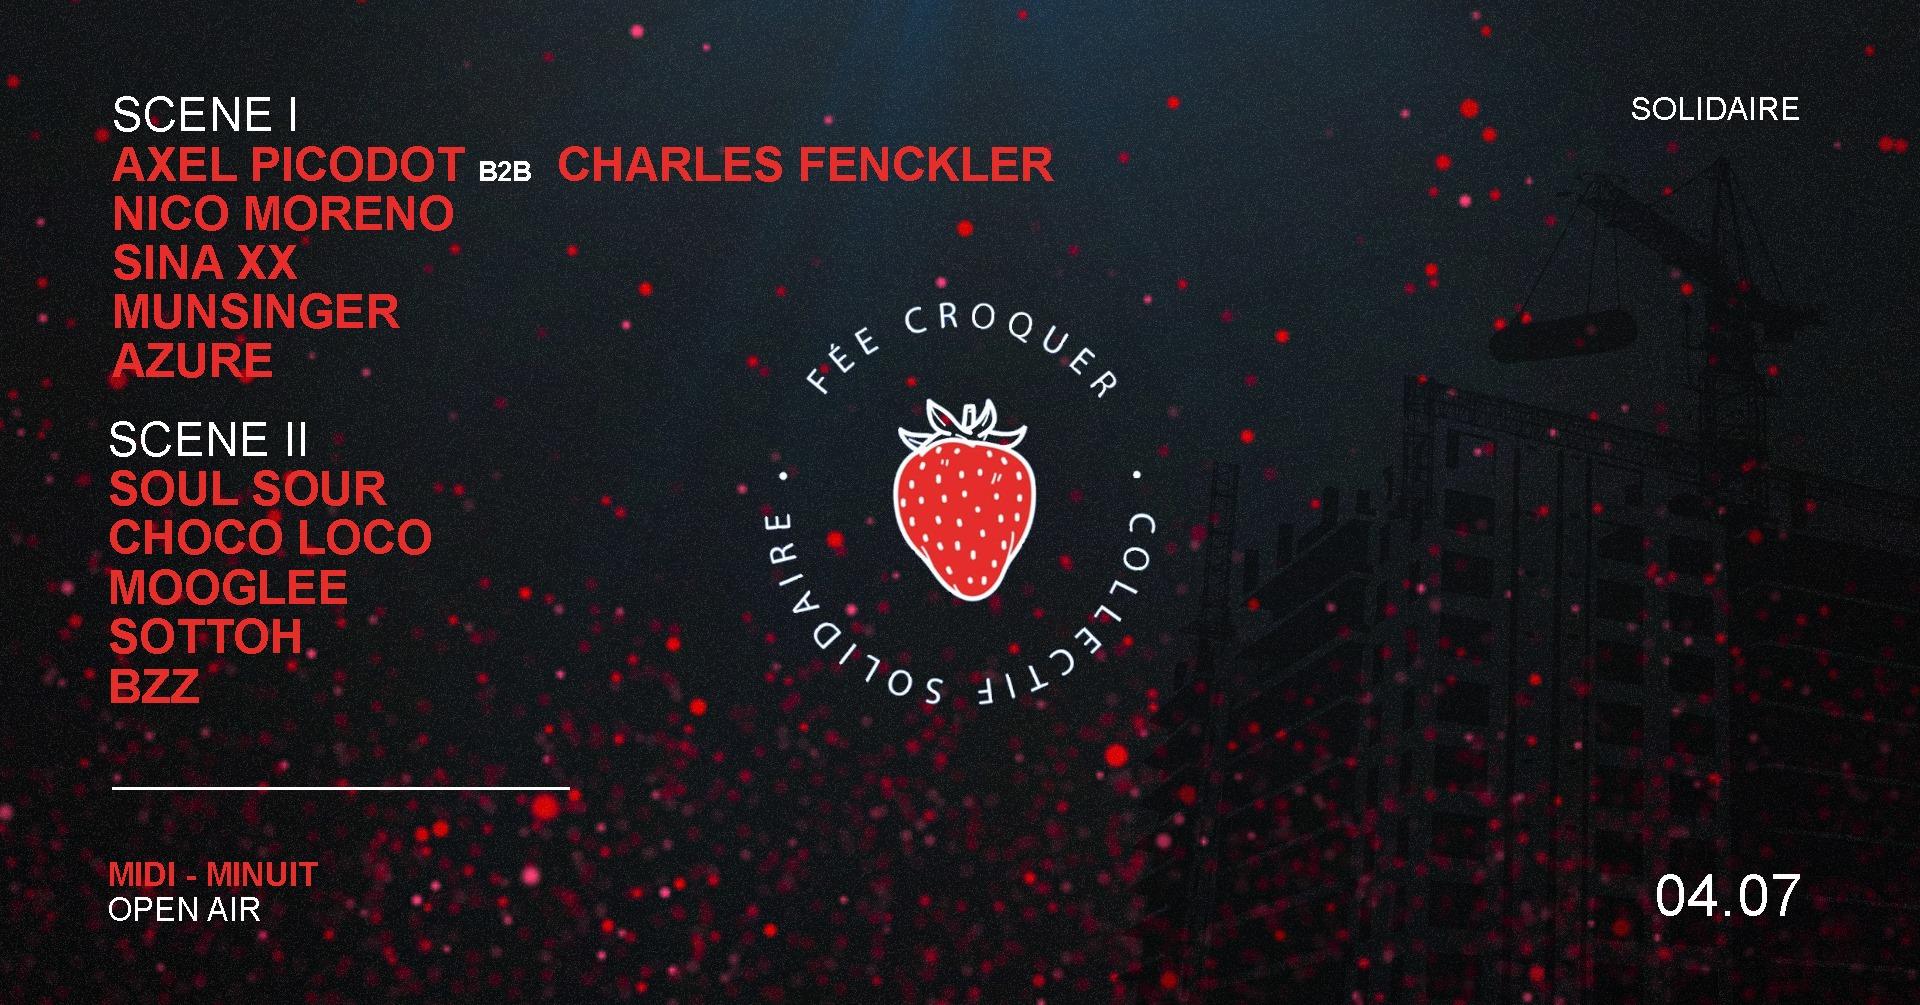 Fée croquer / 2 scène / Open air / 12h-00h